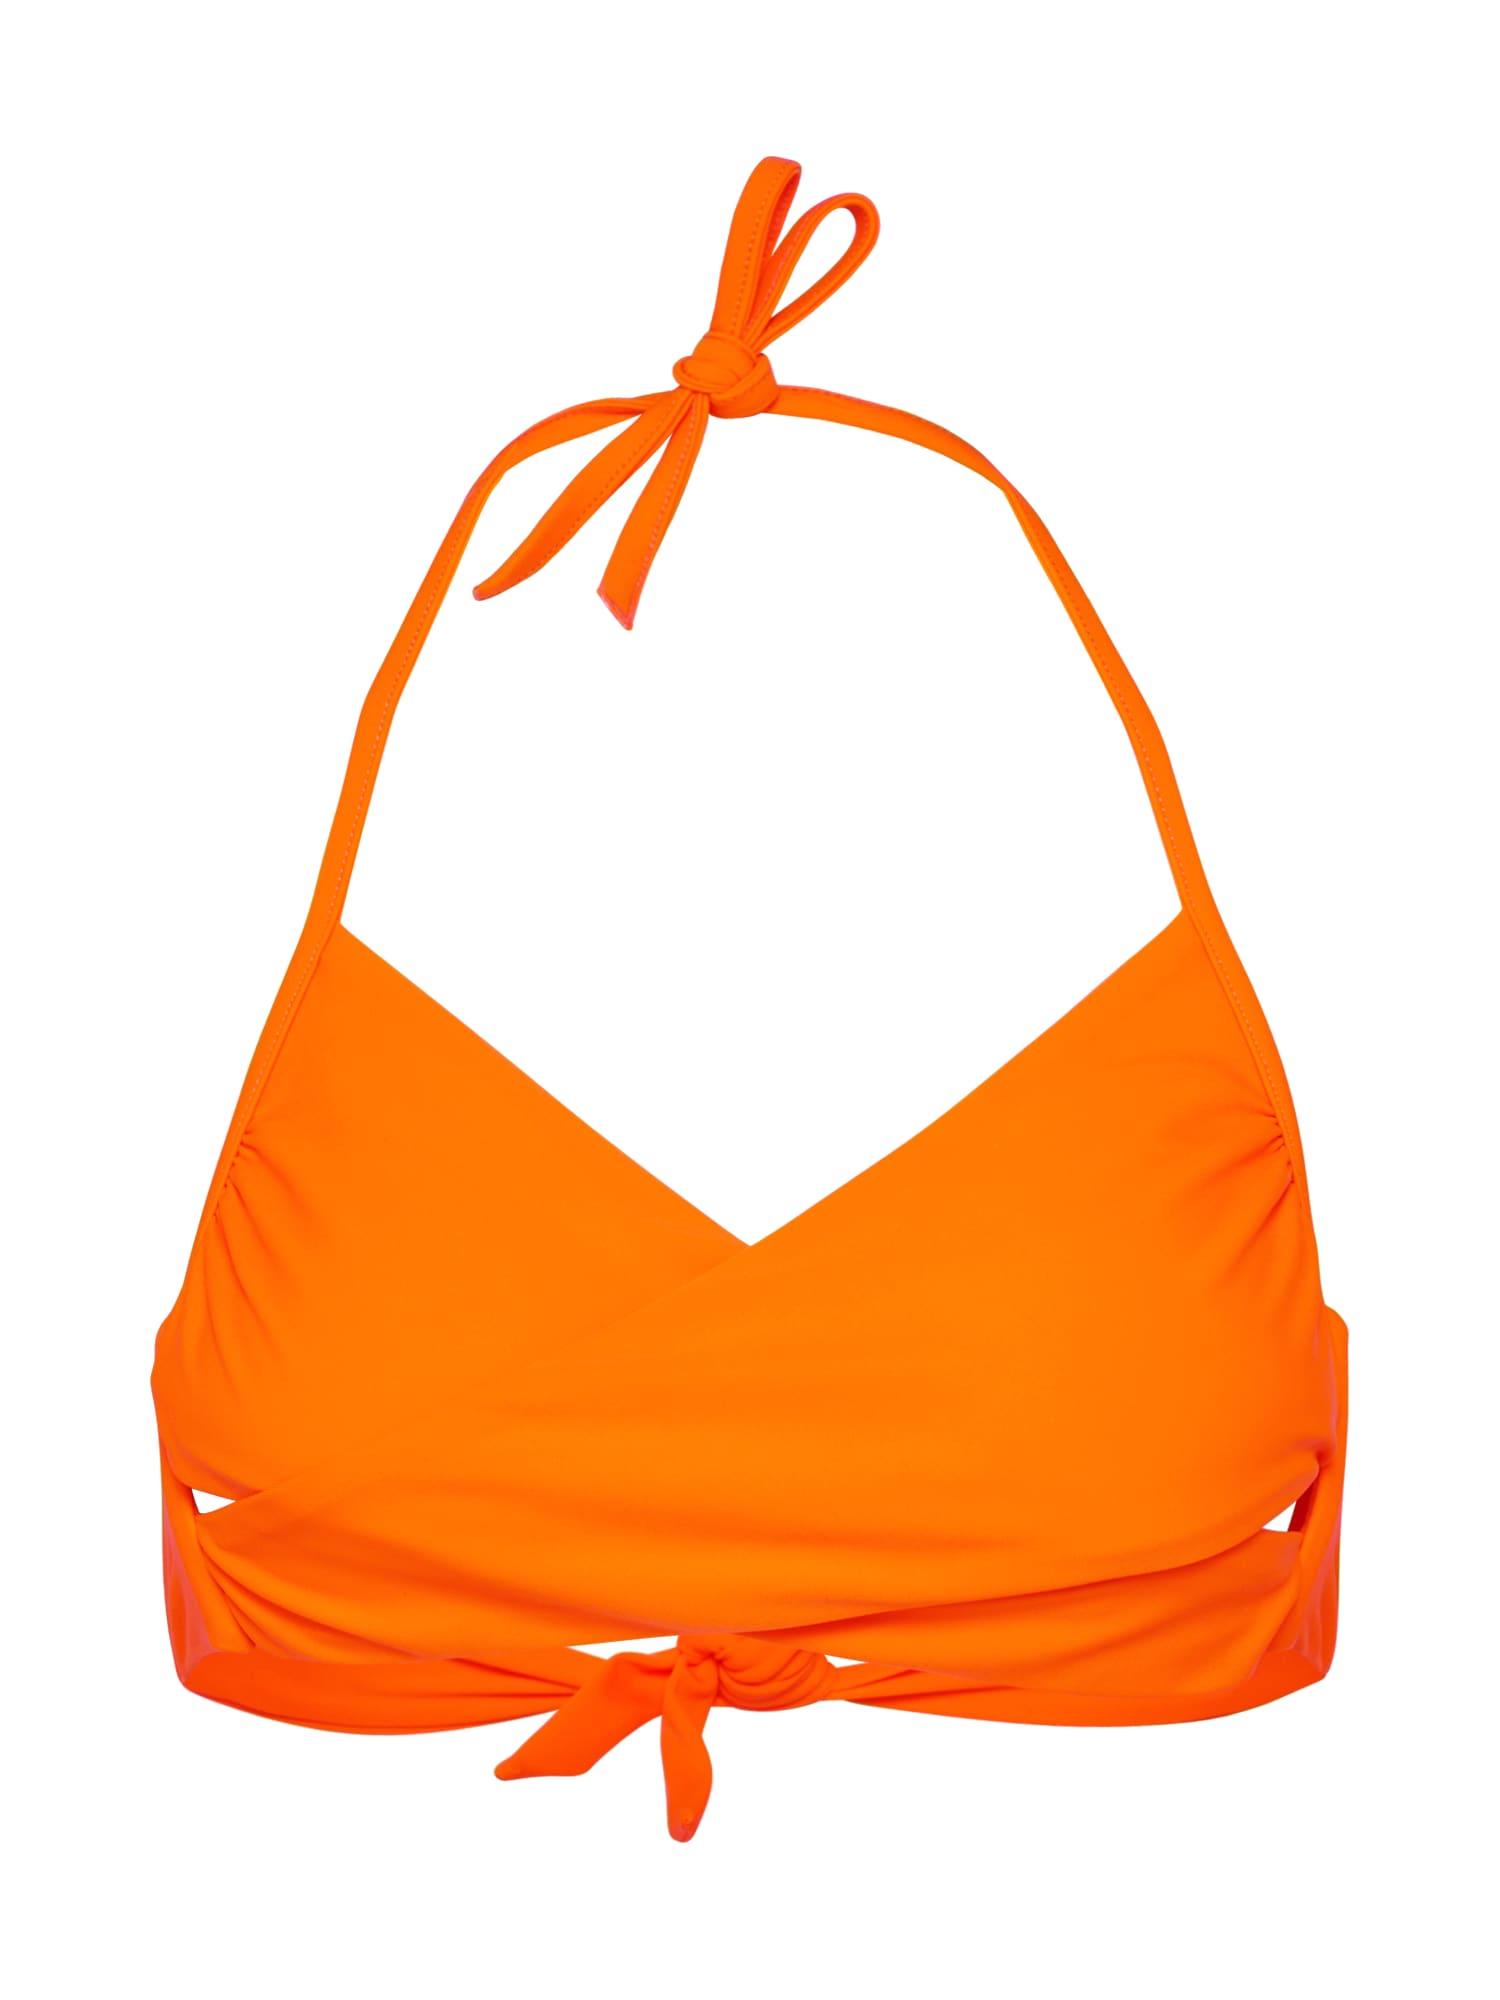 Horní díl plavek Hira oranžová EDITED